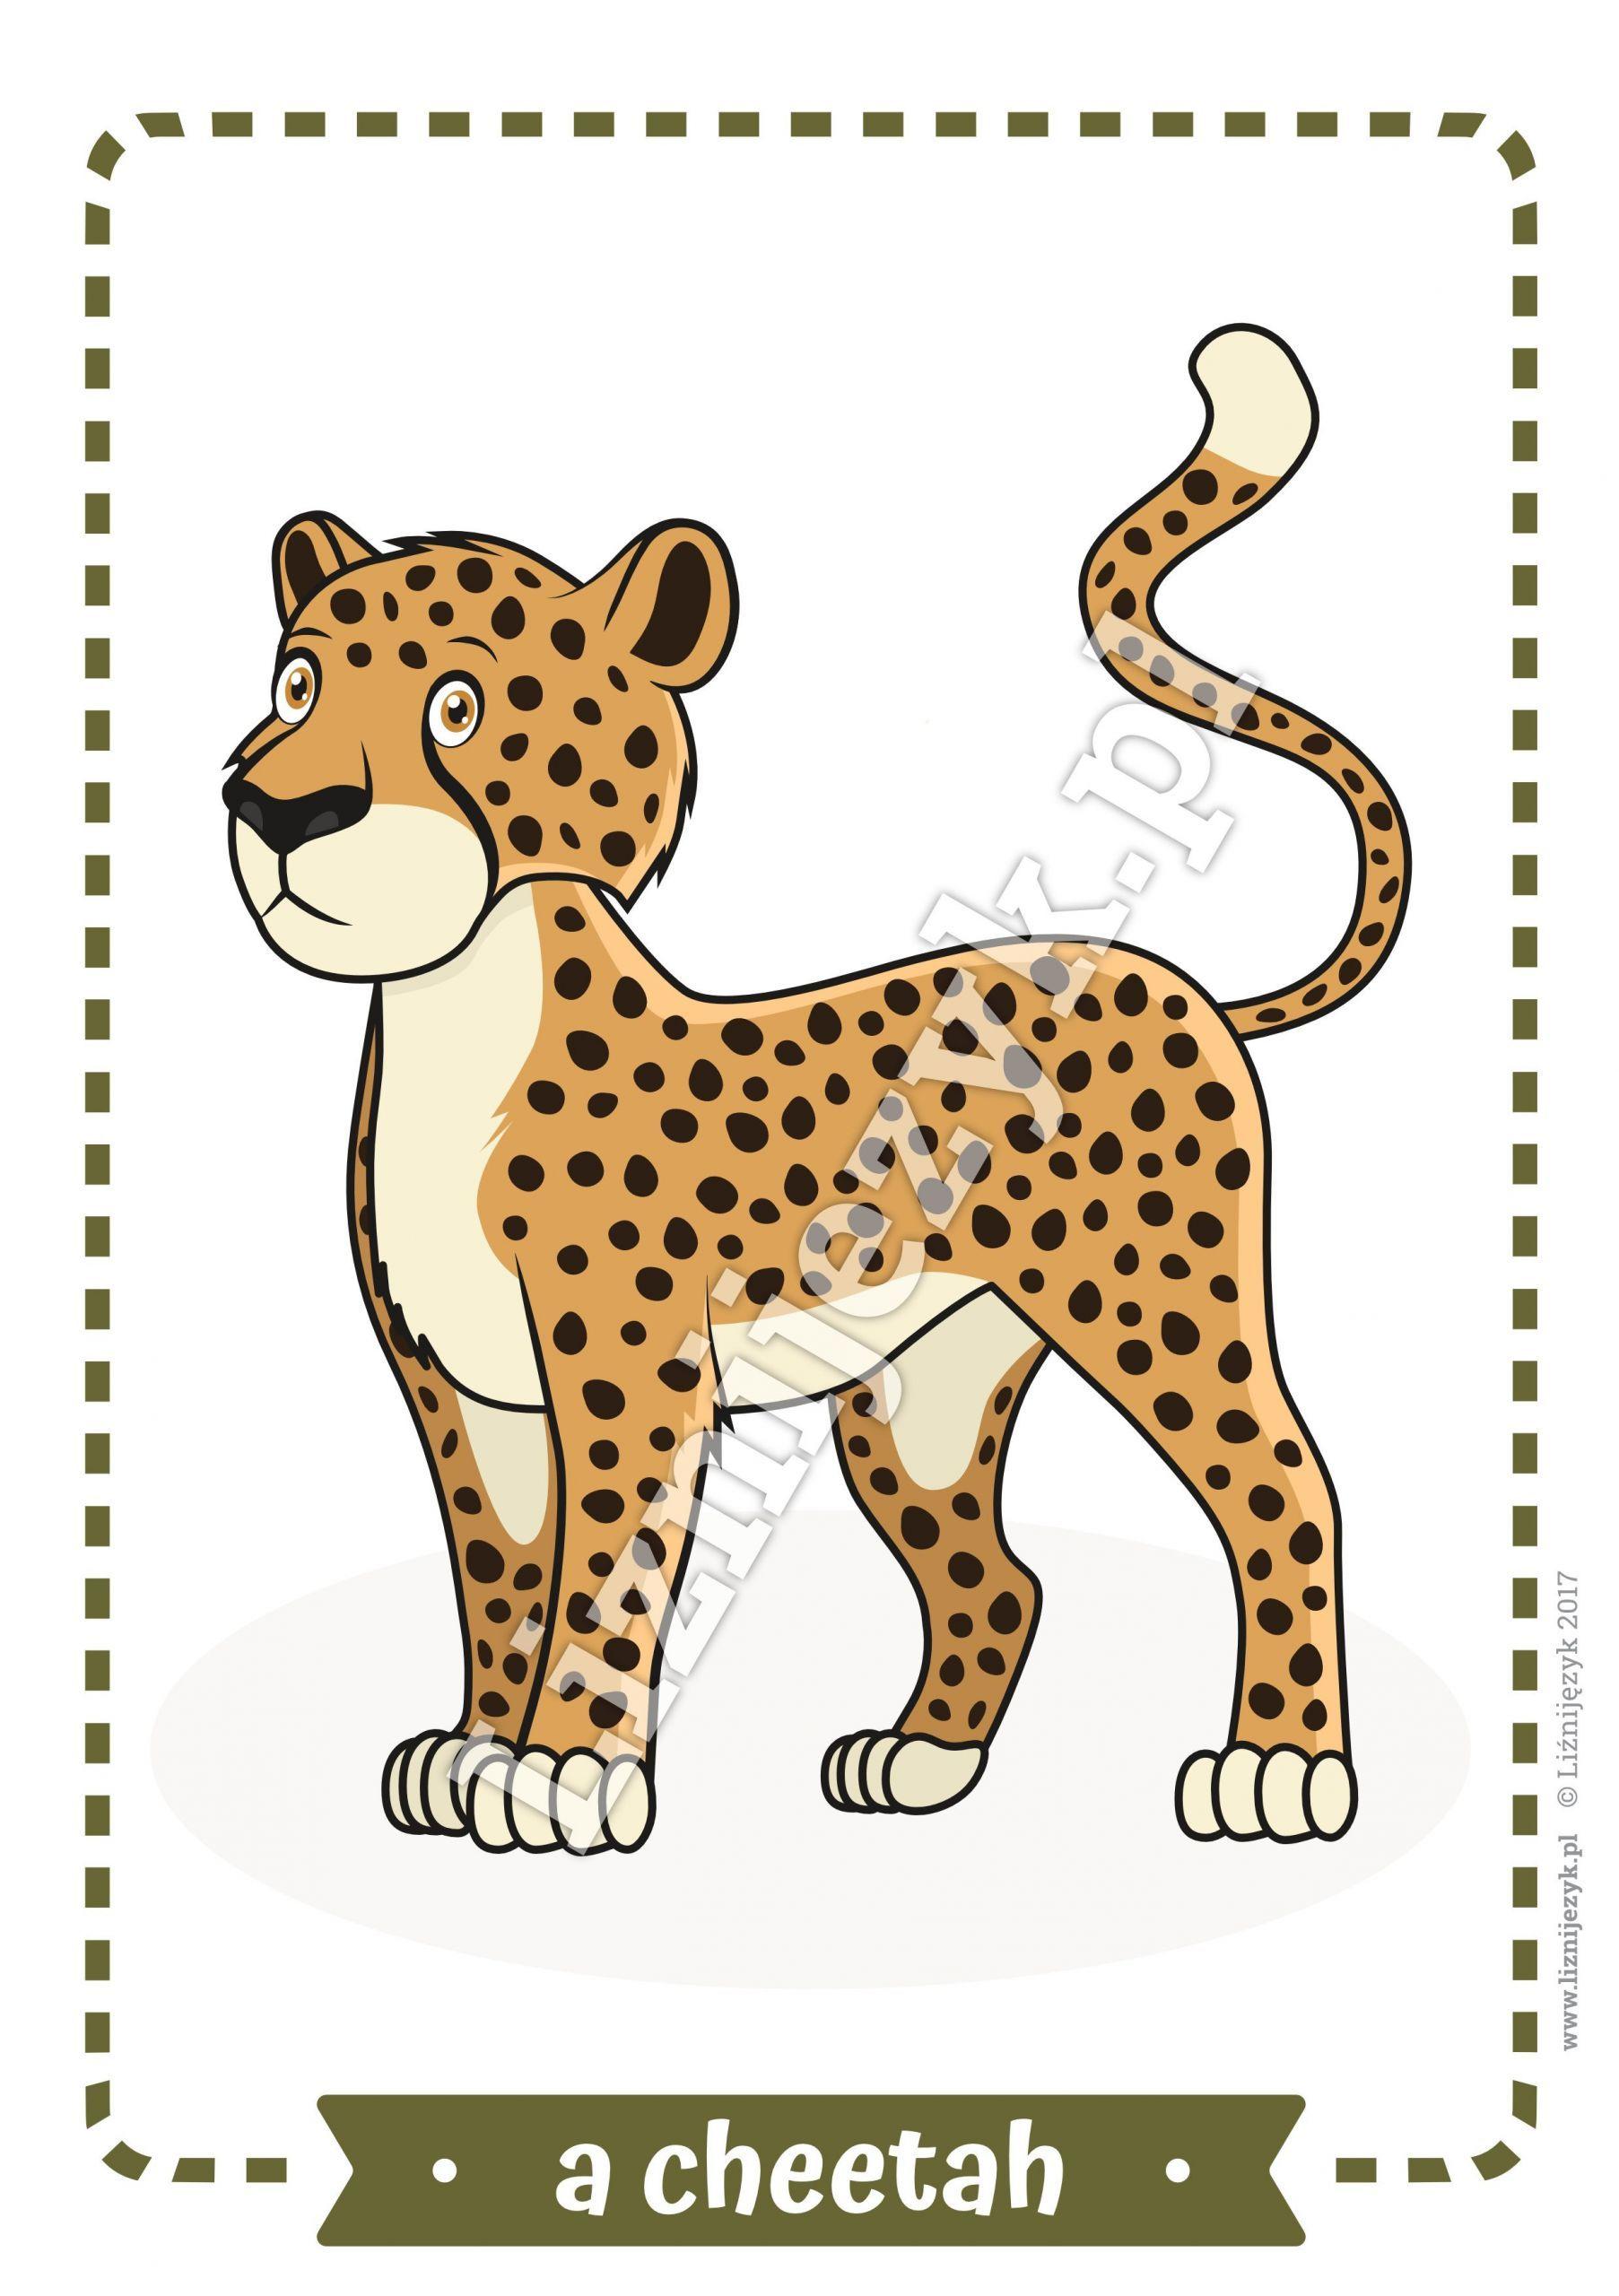 Pet Farm Or Zoo Wild Animals Kindergarten Worksheets Animal Worksheets Kindergarten Worksheets Printable [ 1440 x 941 Pixel ]